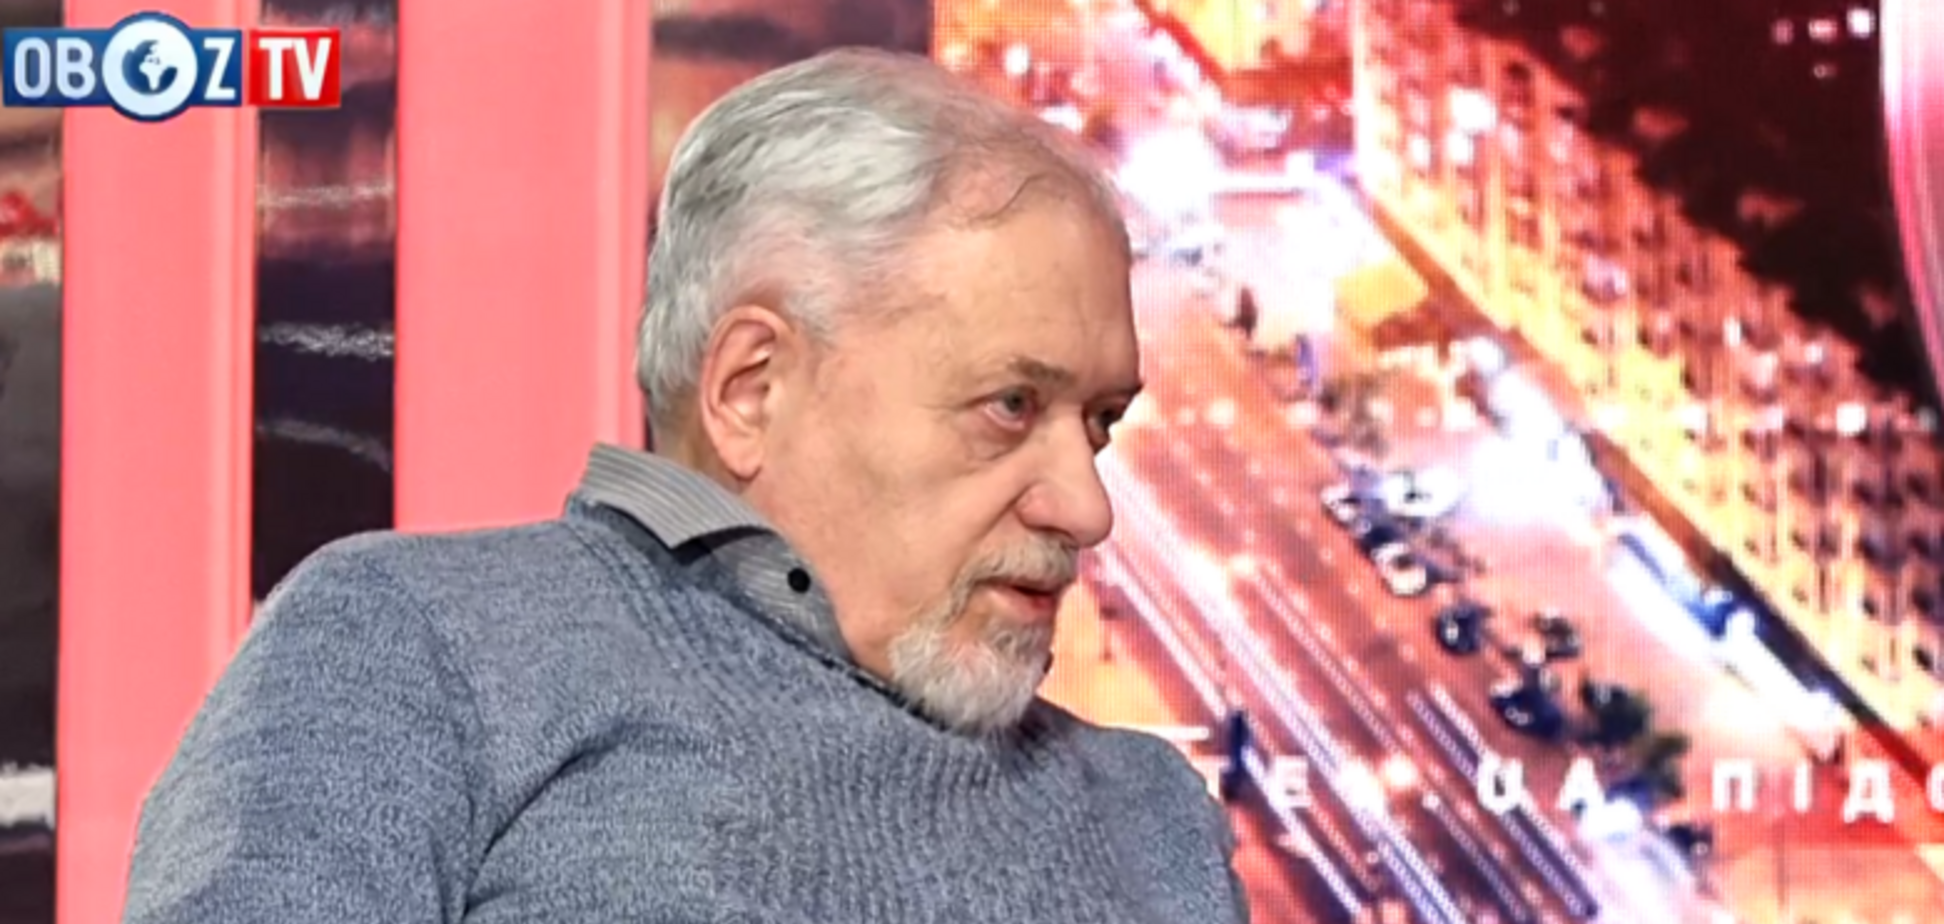 Незважаючи на методи: експерт розповів про боротьбу партій на парламентських виборах